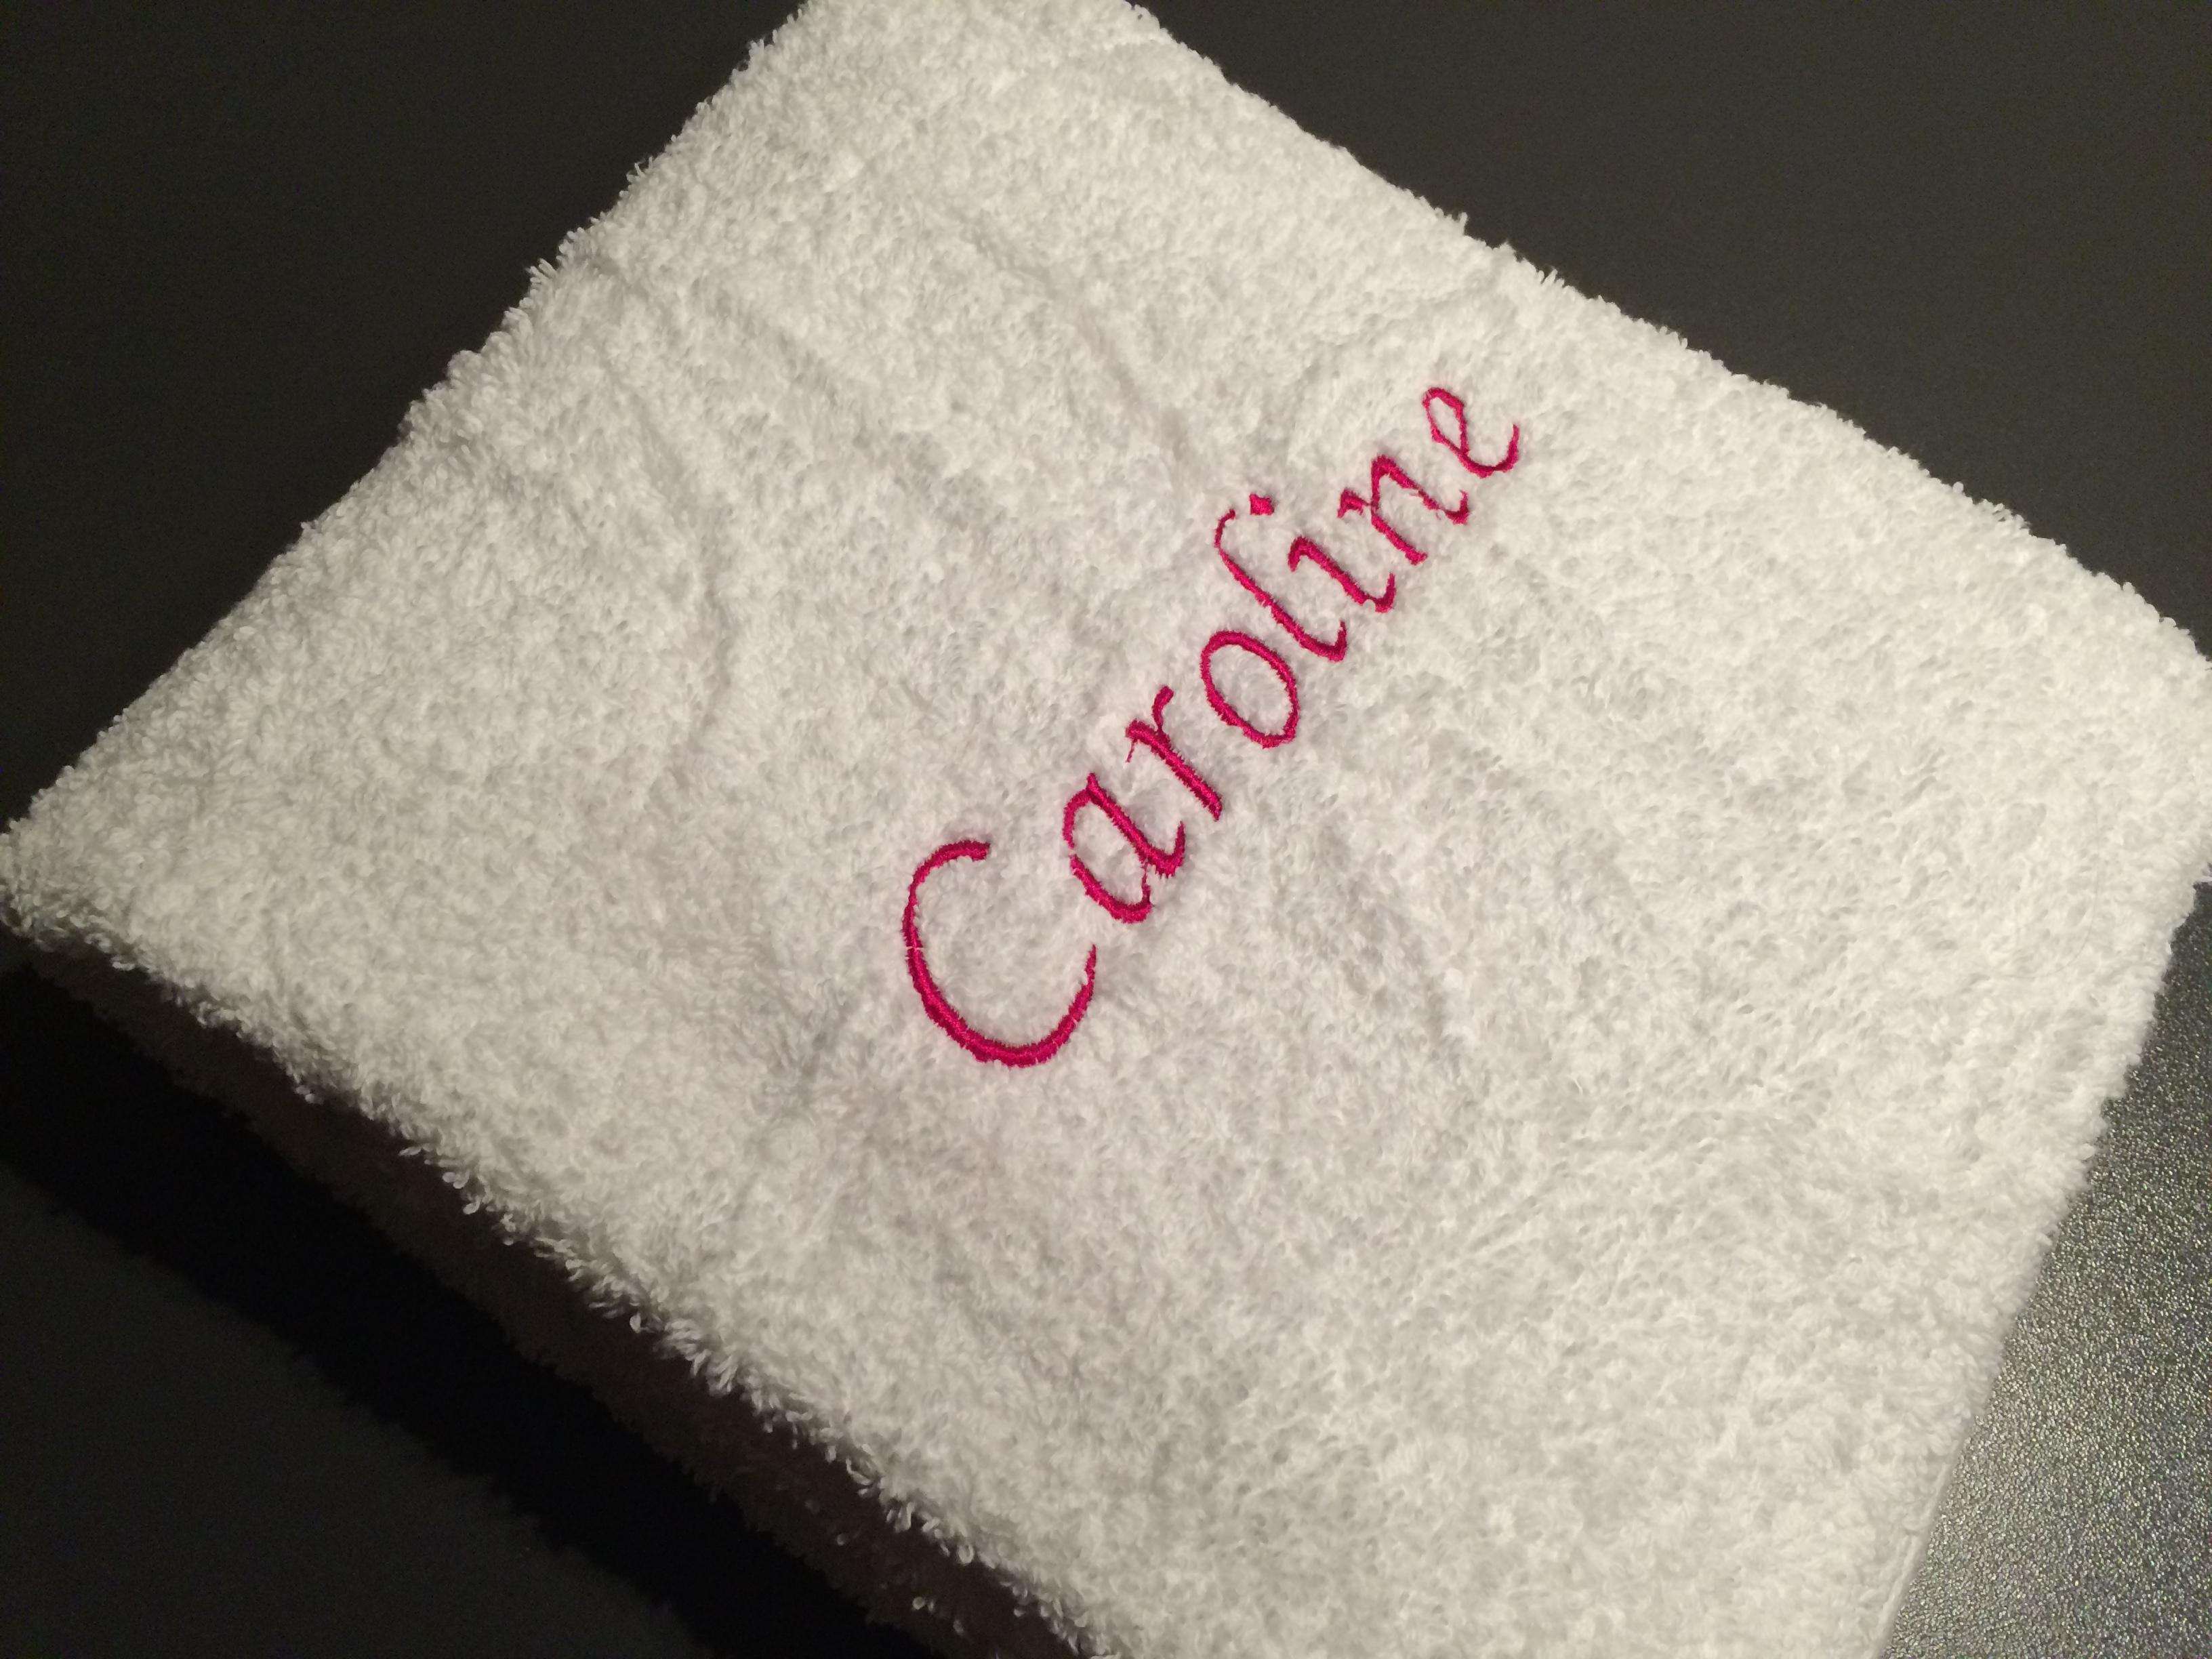 Caroline_01